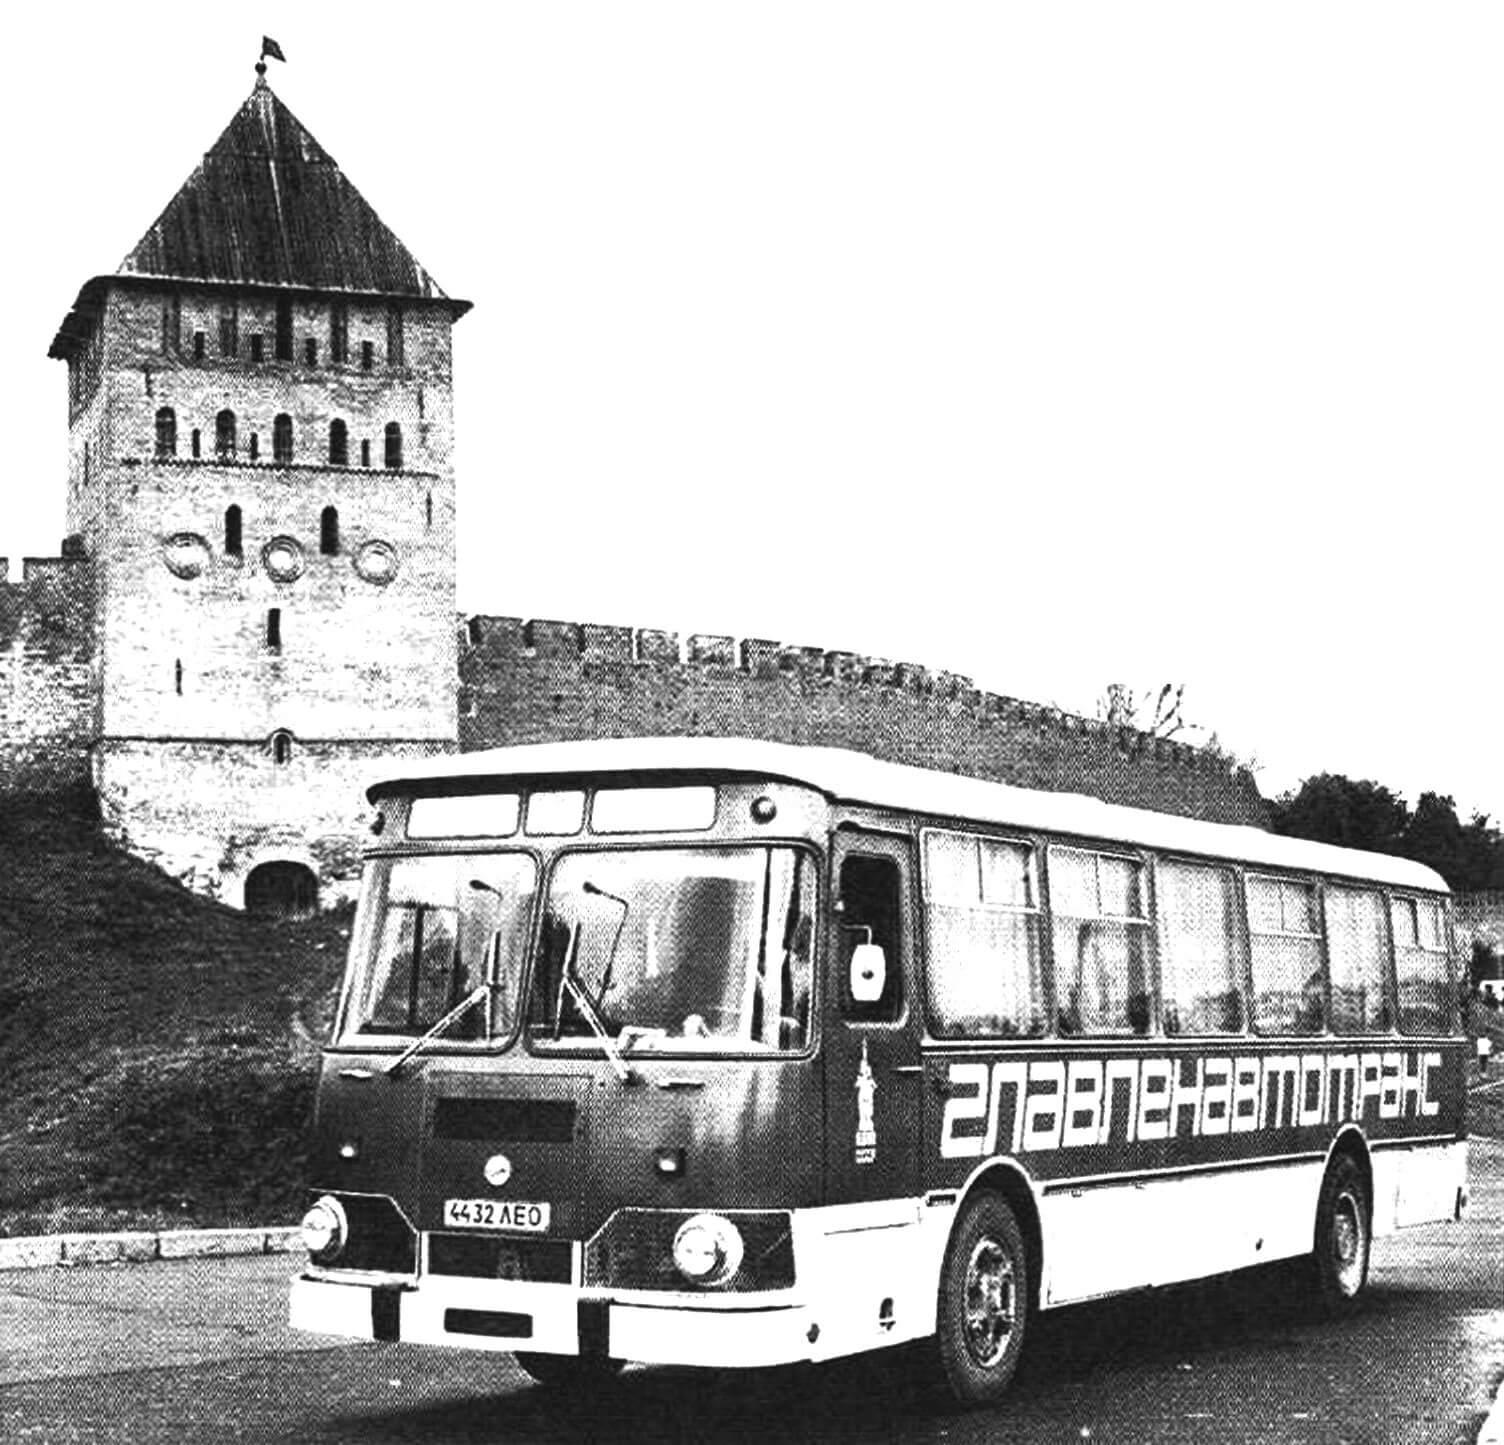 Автобус ЛиАЗ-677М у Иваногородской крепости. Середина 1980-х годов